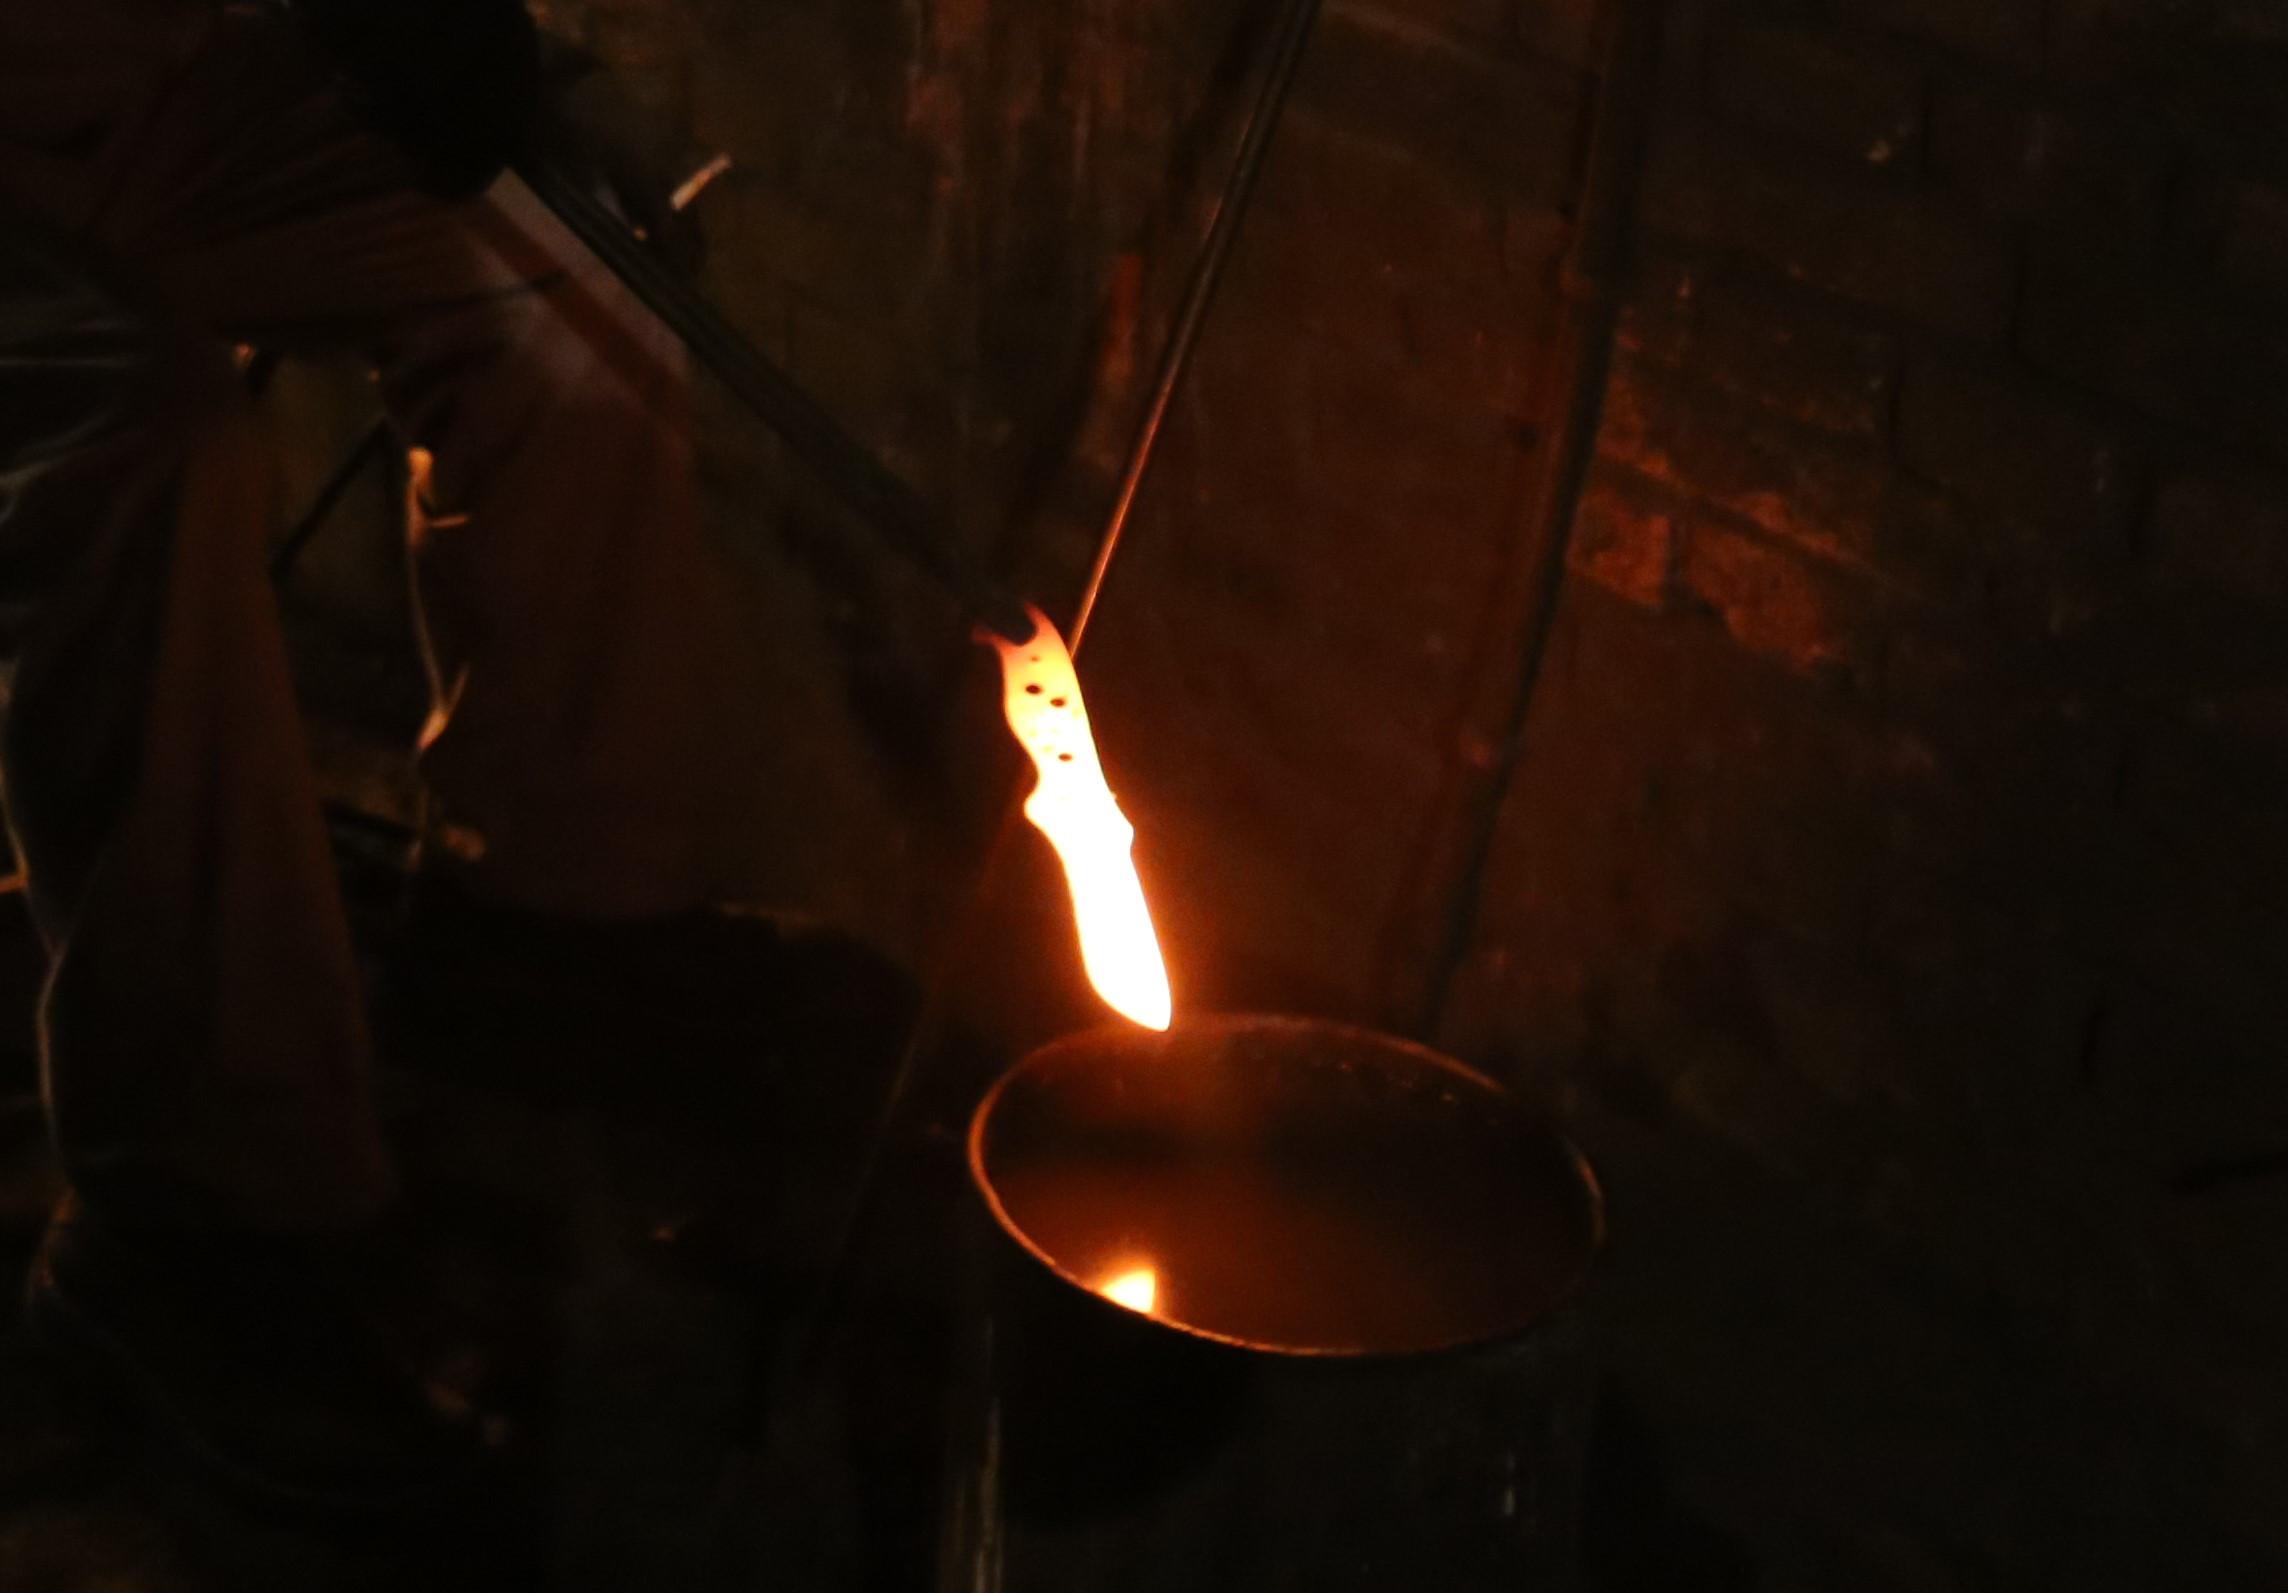 老铁匠只传徒弟的秘方:怎样判断大马士革刀淬火的火候?